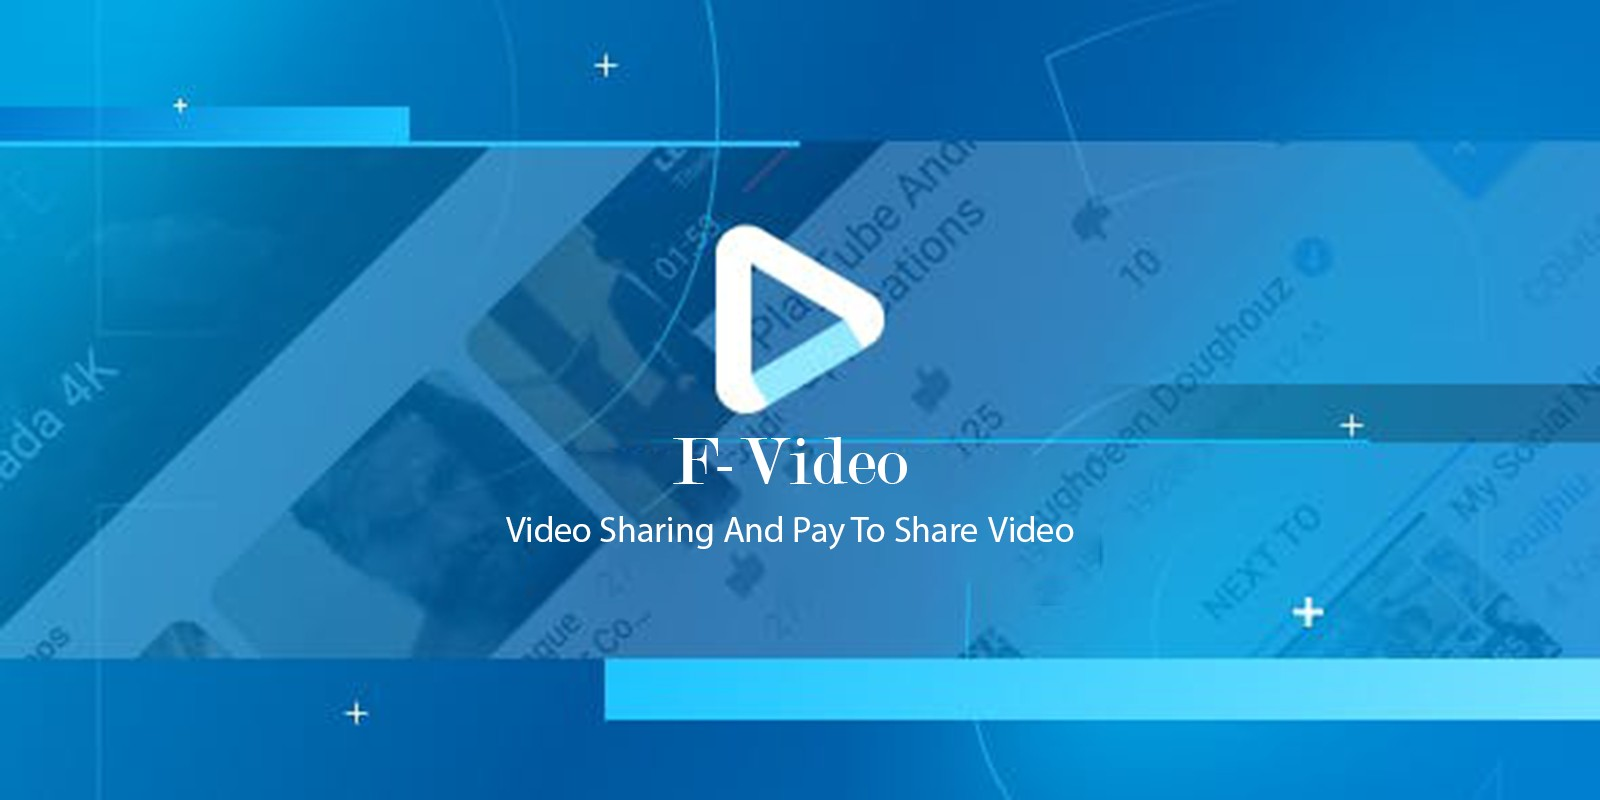 FVideo - Video Sharing Platform Laravel